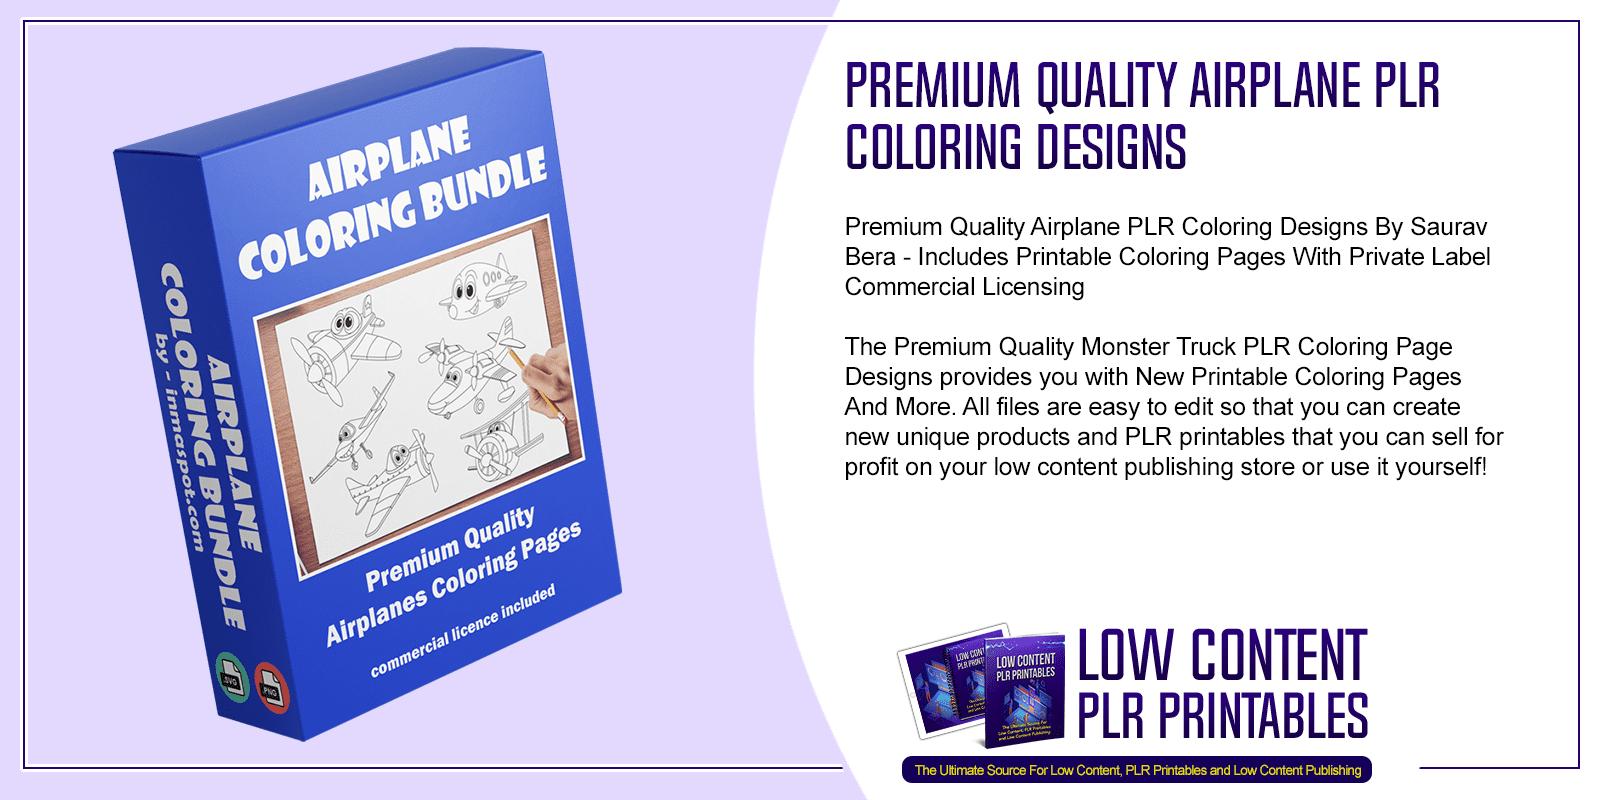 Premium Quality Airplane PLR Coloring Designs